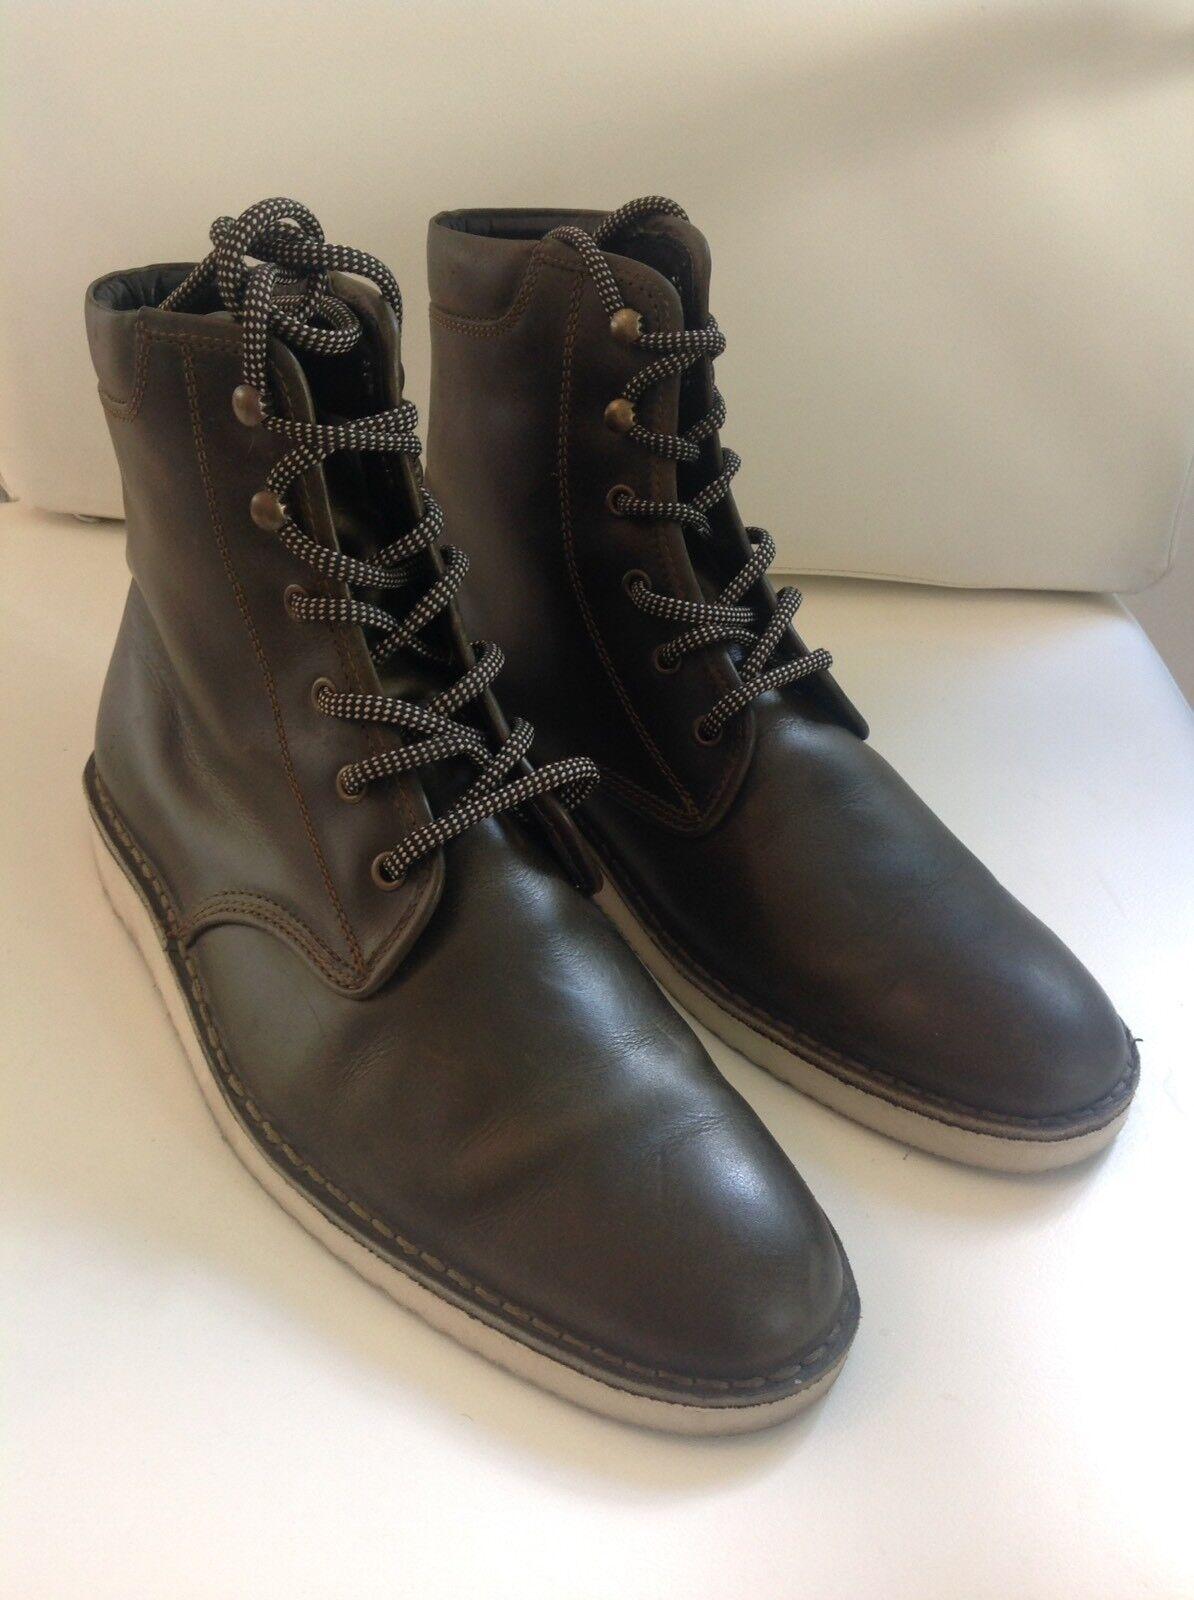 Lo uomini giuro lou5 pullup stivali di pelle marrone uomini Lo '44 11 0469d2